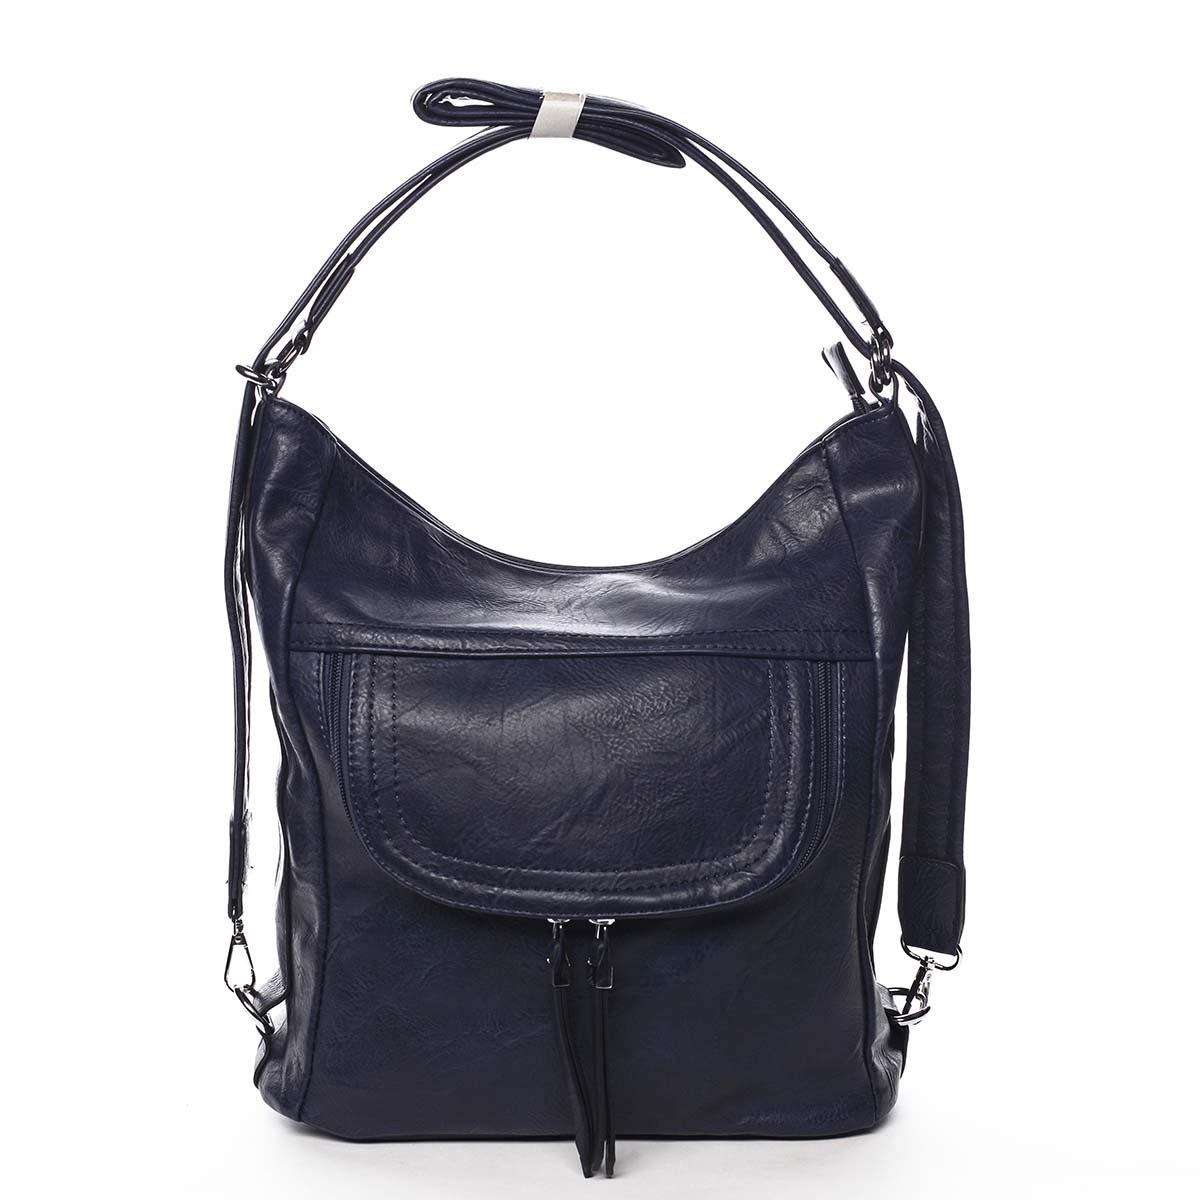 Dámská kabelka batoh tmavě modrá - Romina Godzilla tmavě modrá